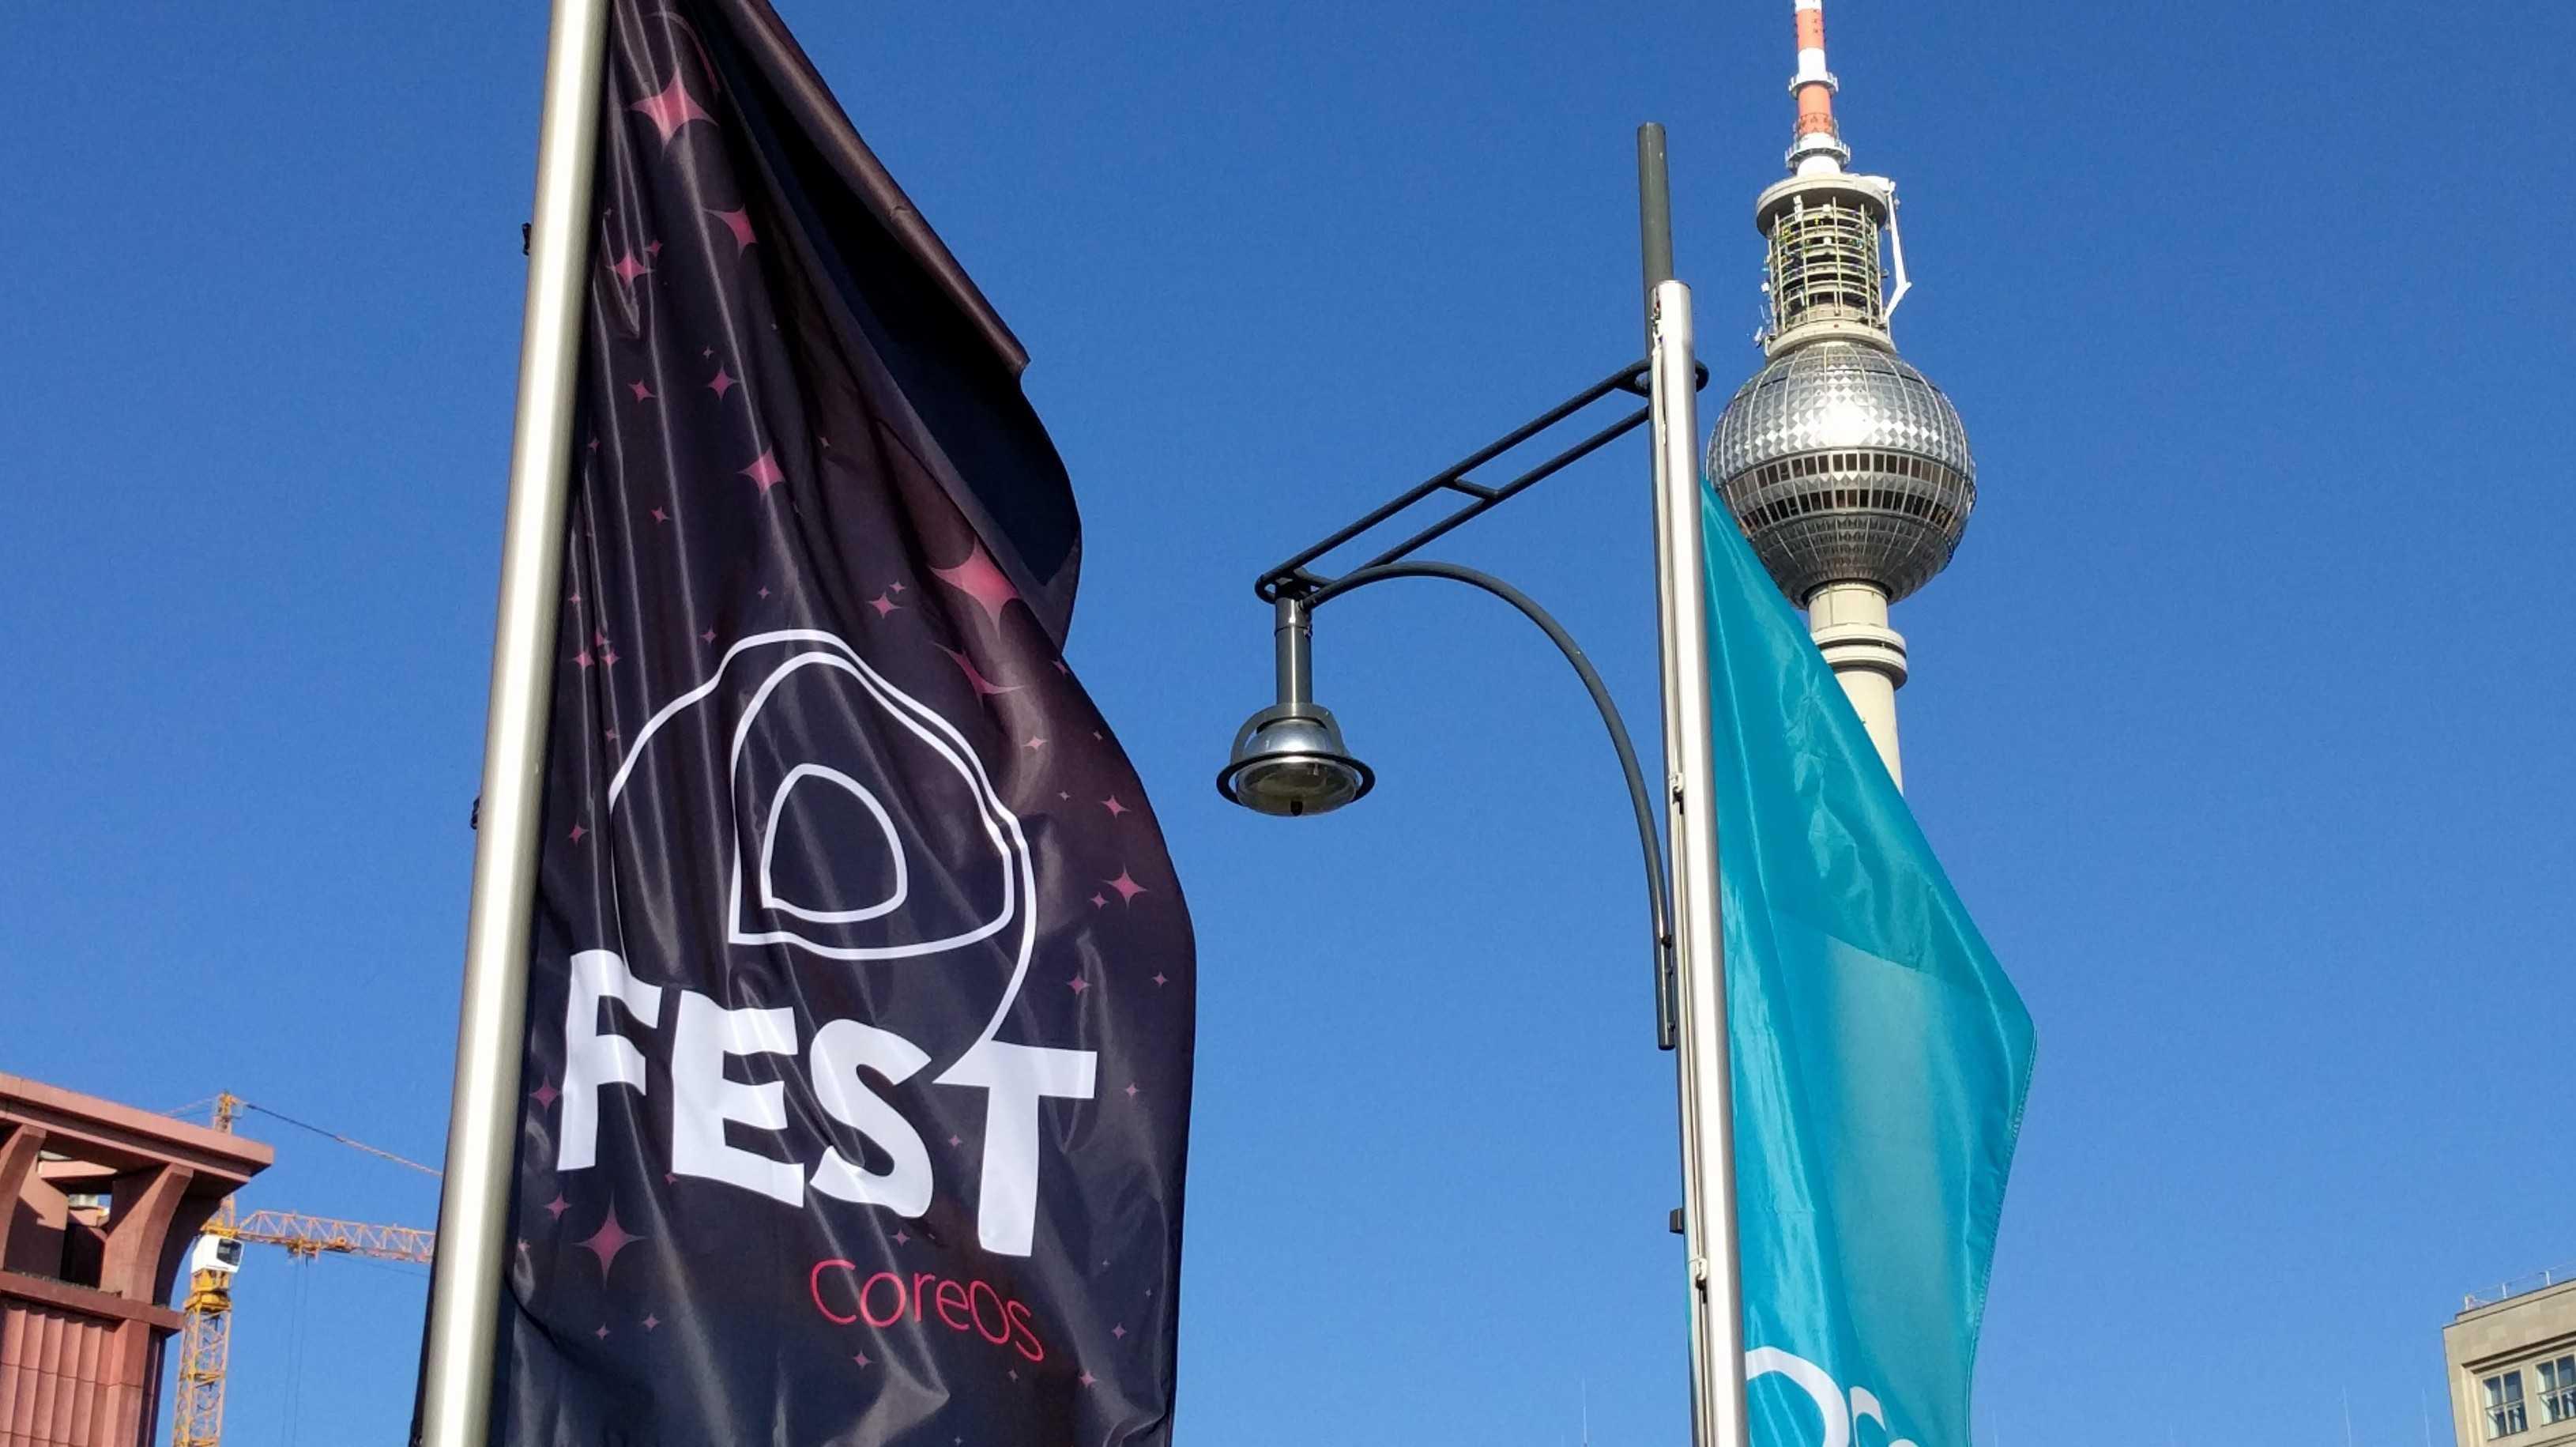 Zweite Ausgabe des CoreOS-Fest in Berlin